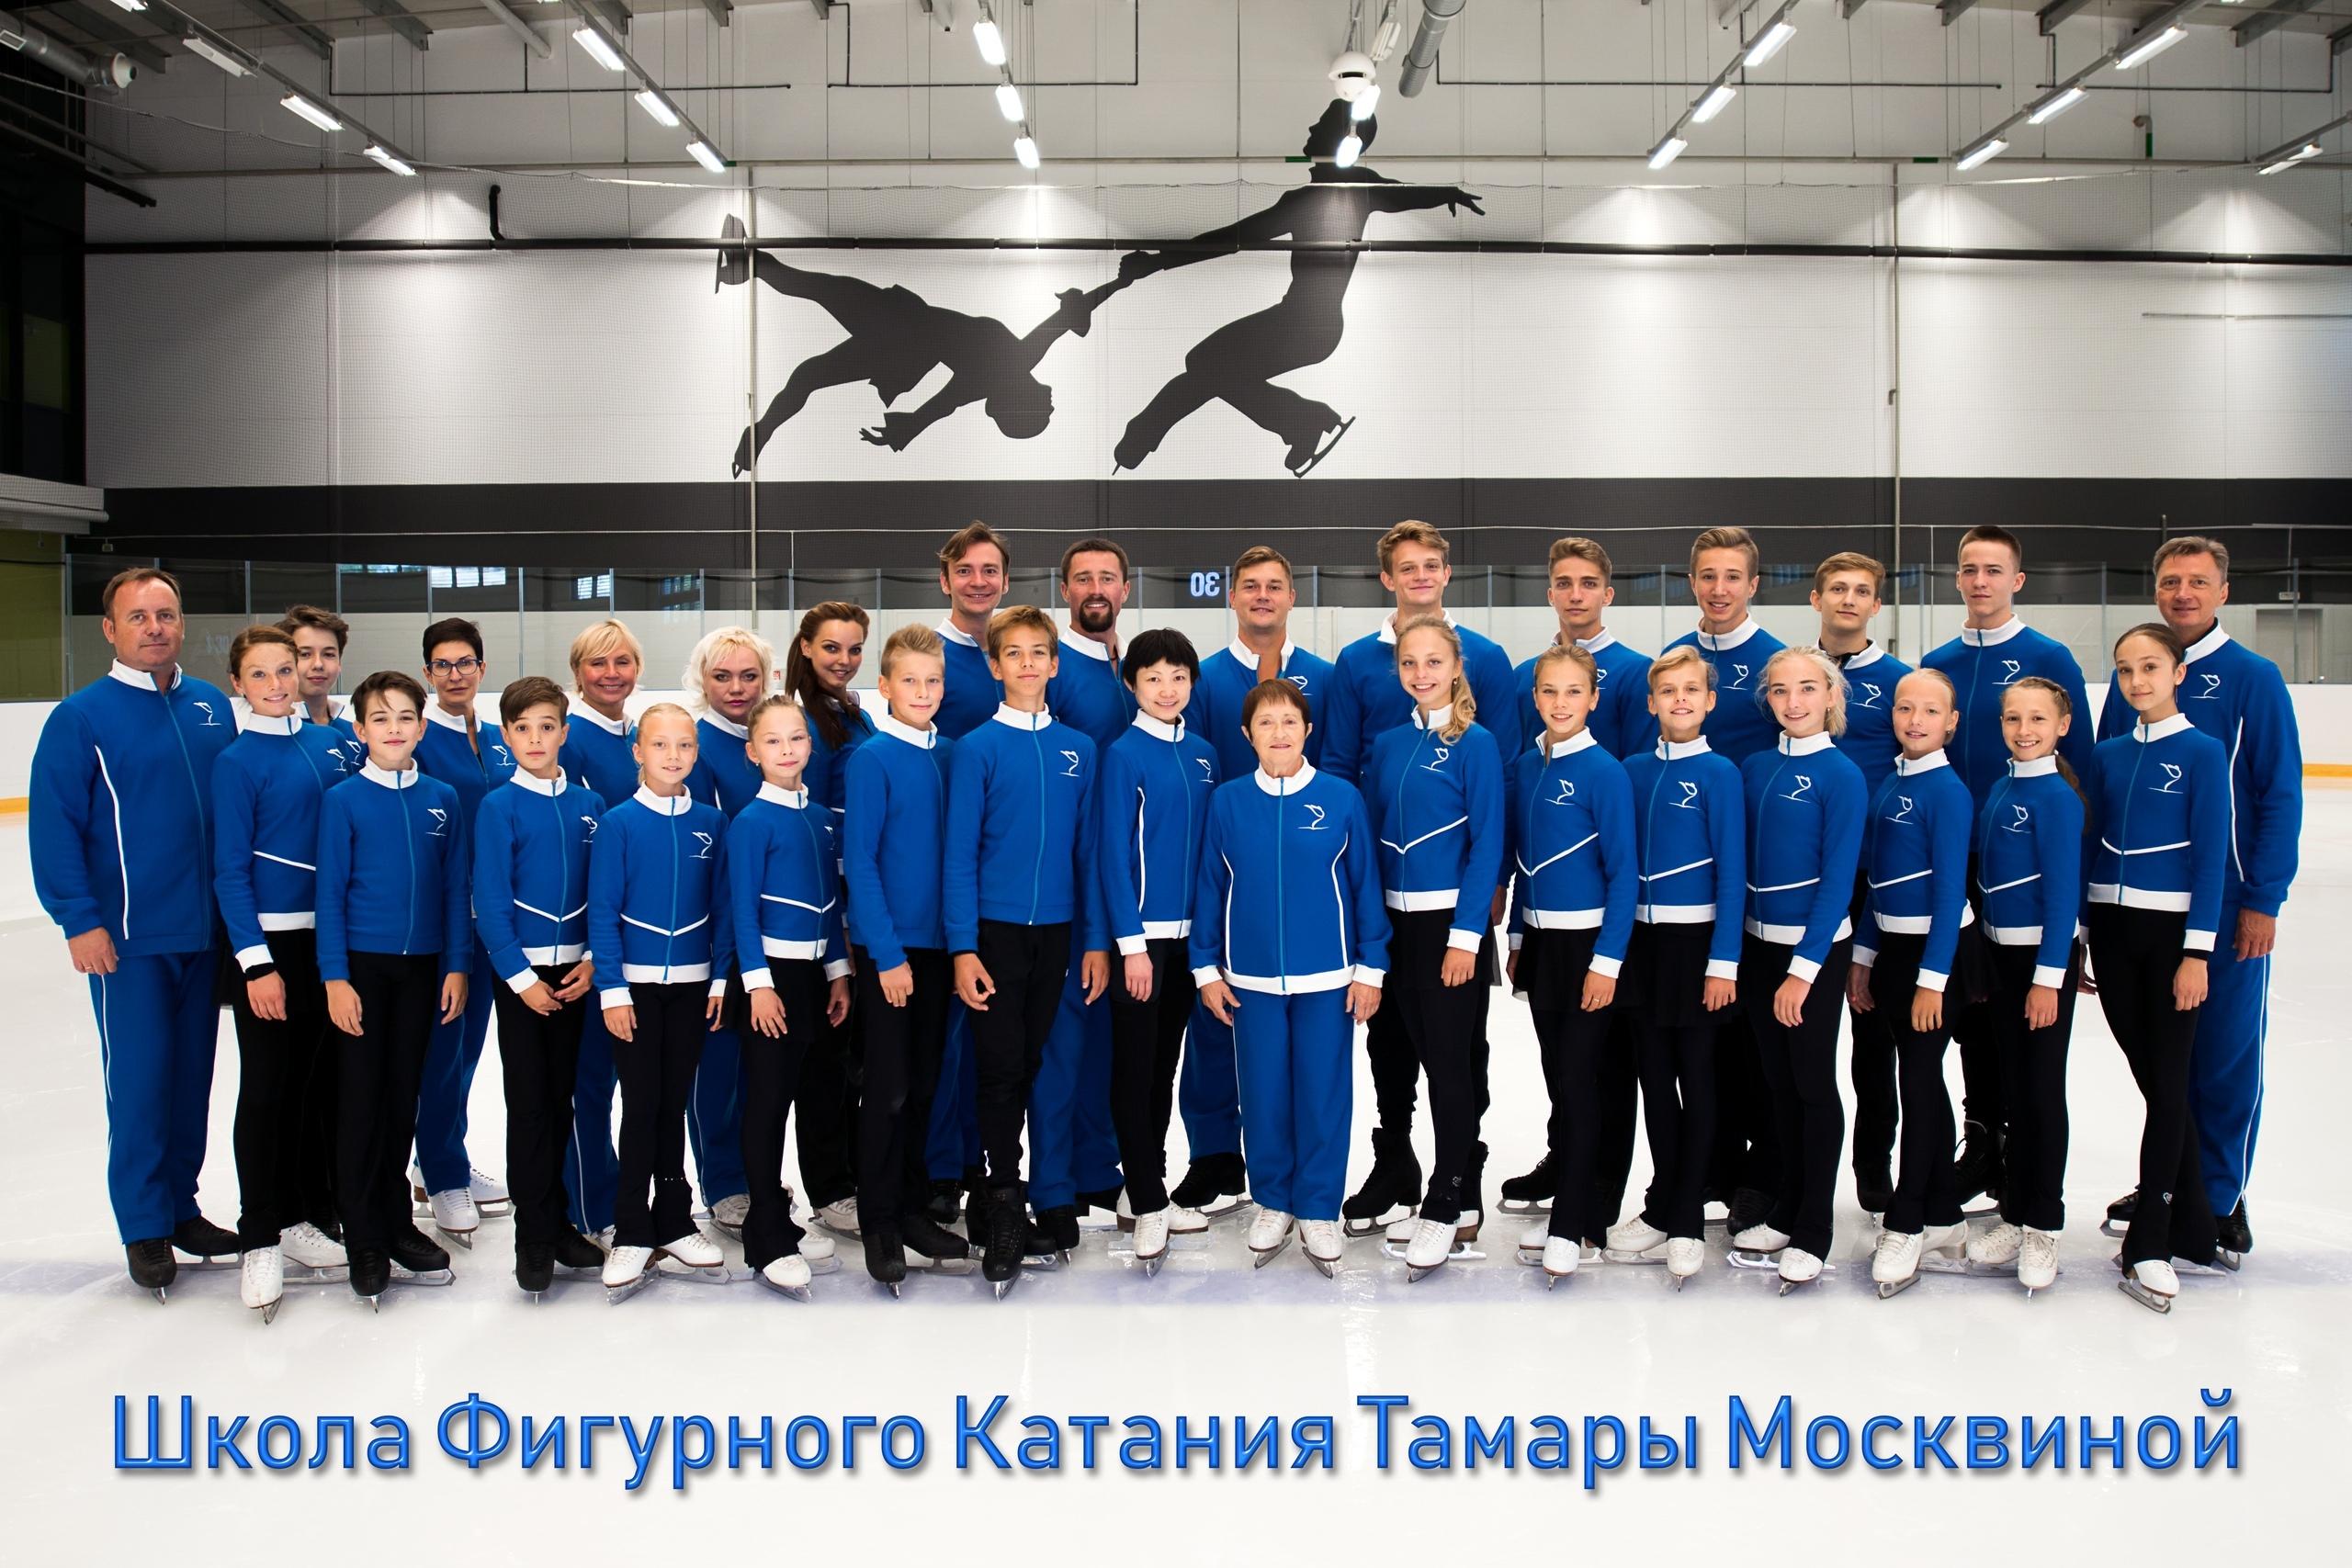 Школа Москвиной, парное катание (Санкт-Петербург, Россия) - Страница 13 TxswJdek6ME